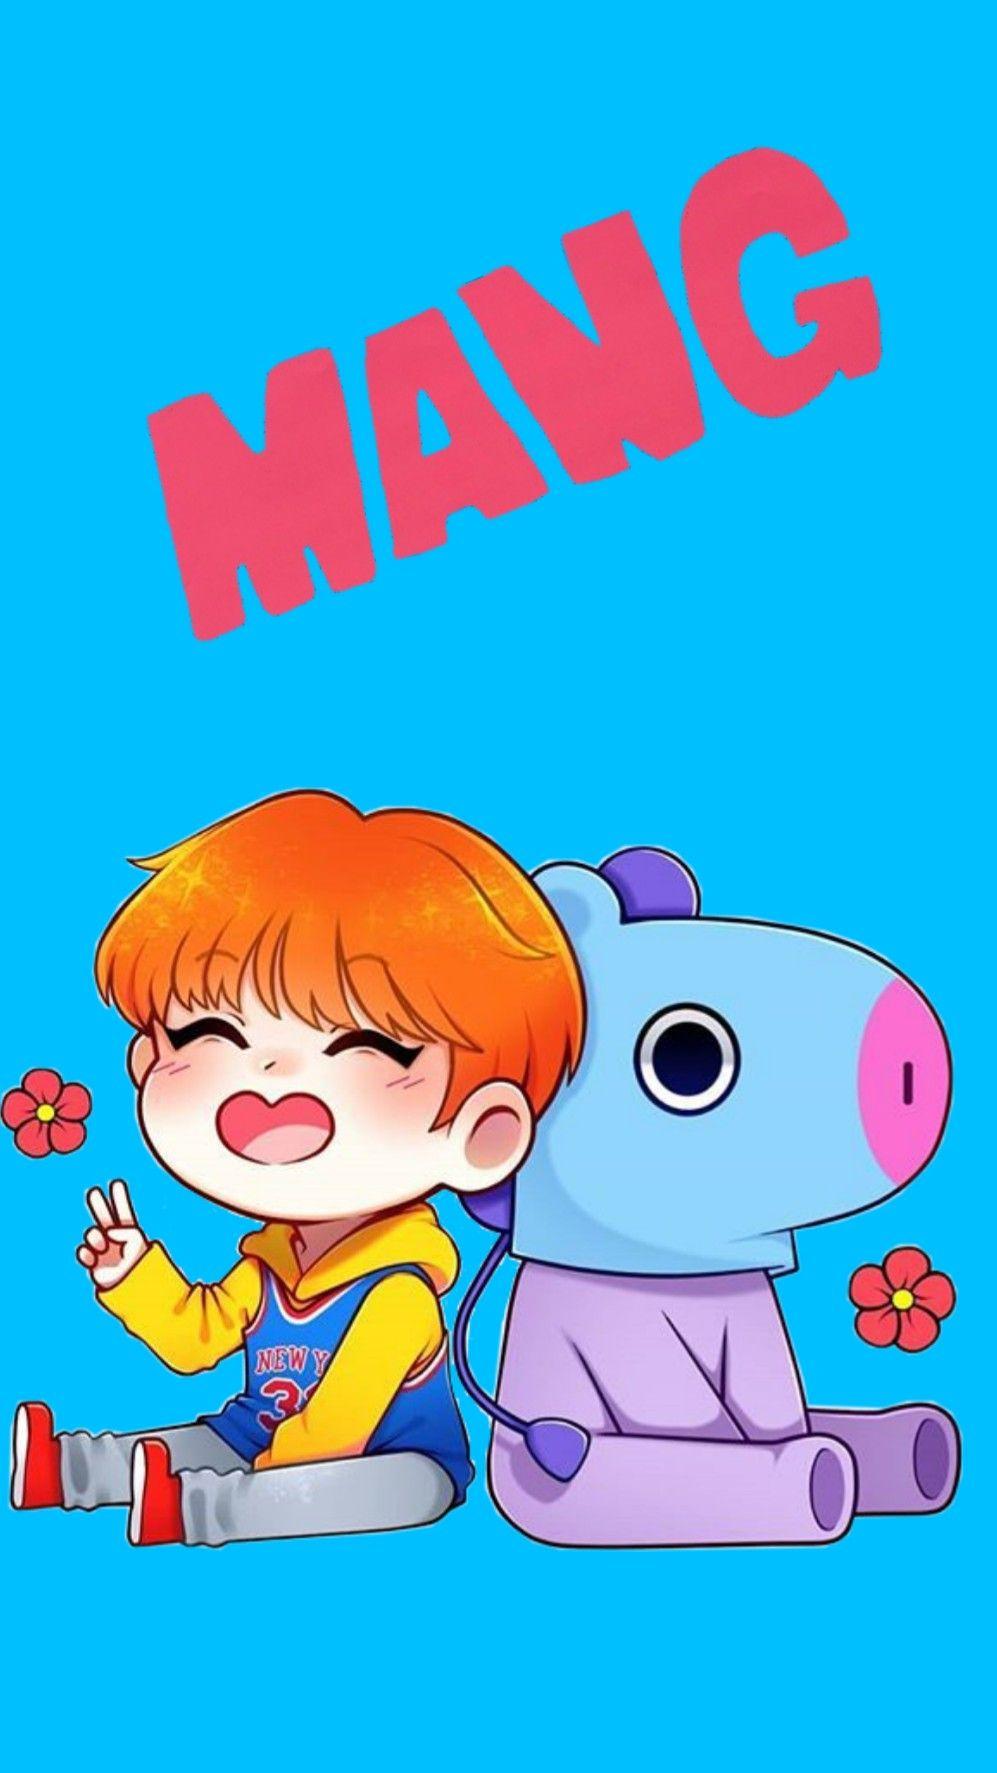 Freetoedit Mang Bt21 Kpop Jhope Bt21mang Wallpaper W